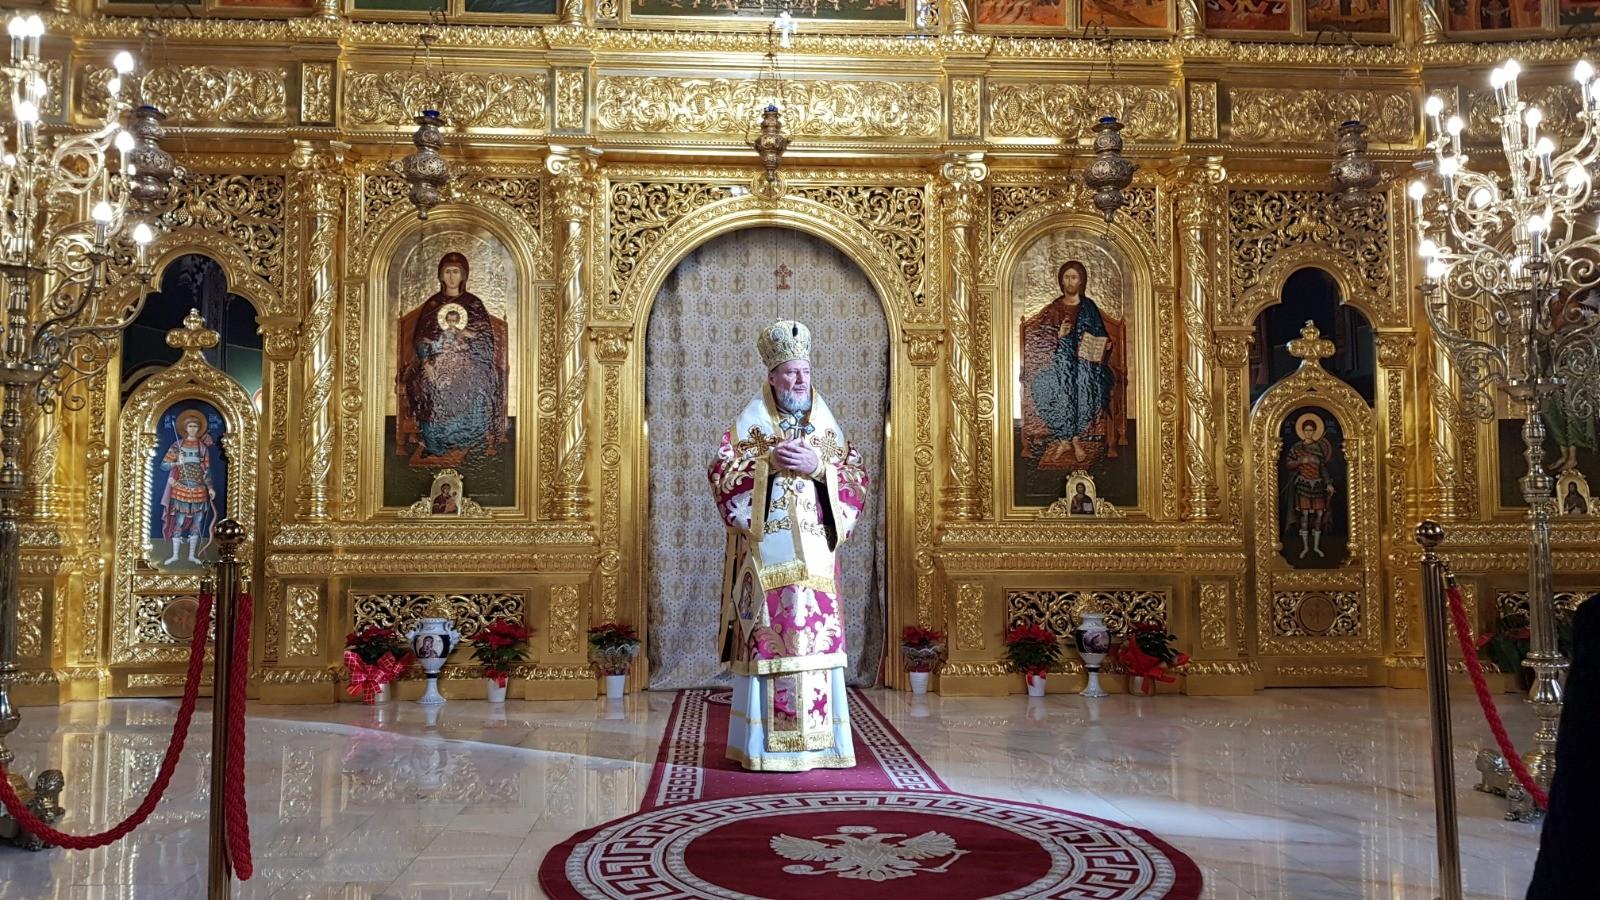 """PS Emilian Crișanul: """"Să cultivăm darurile primite de la Dumnezeu pentru înmulțirea binelui, adevărului, dragostei și comuniunii dintre oameni, în Biserică și în lume!"""""""